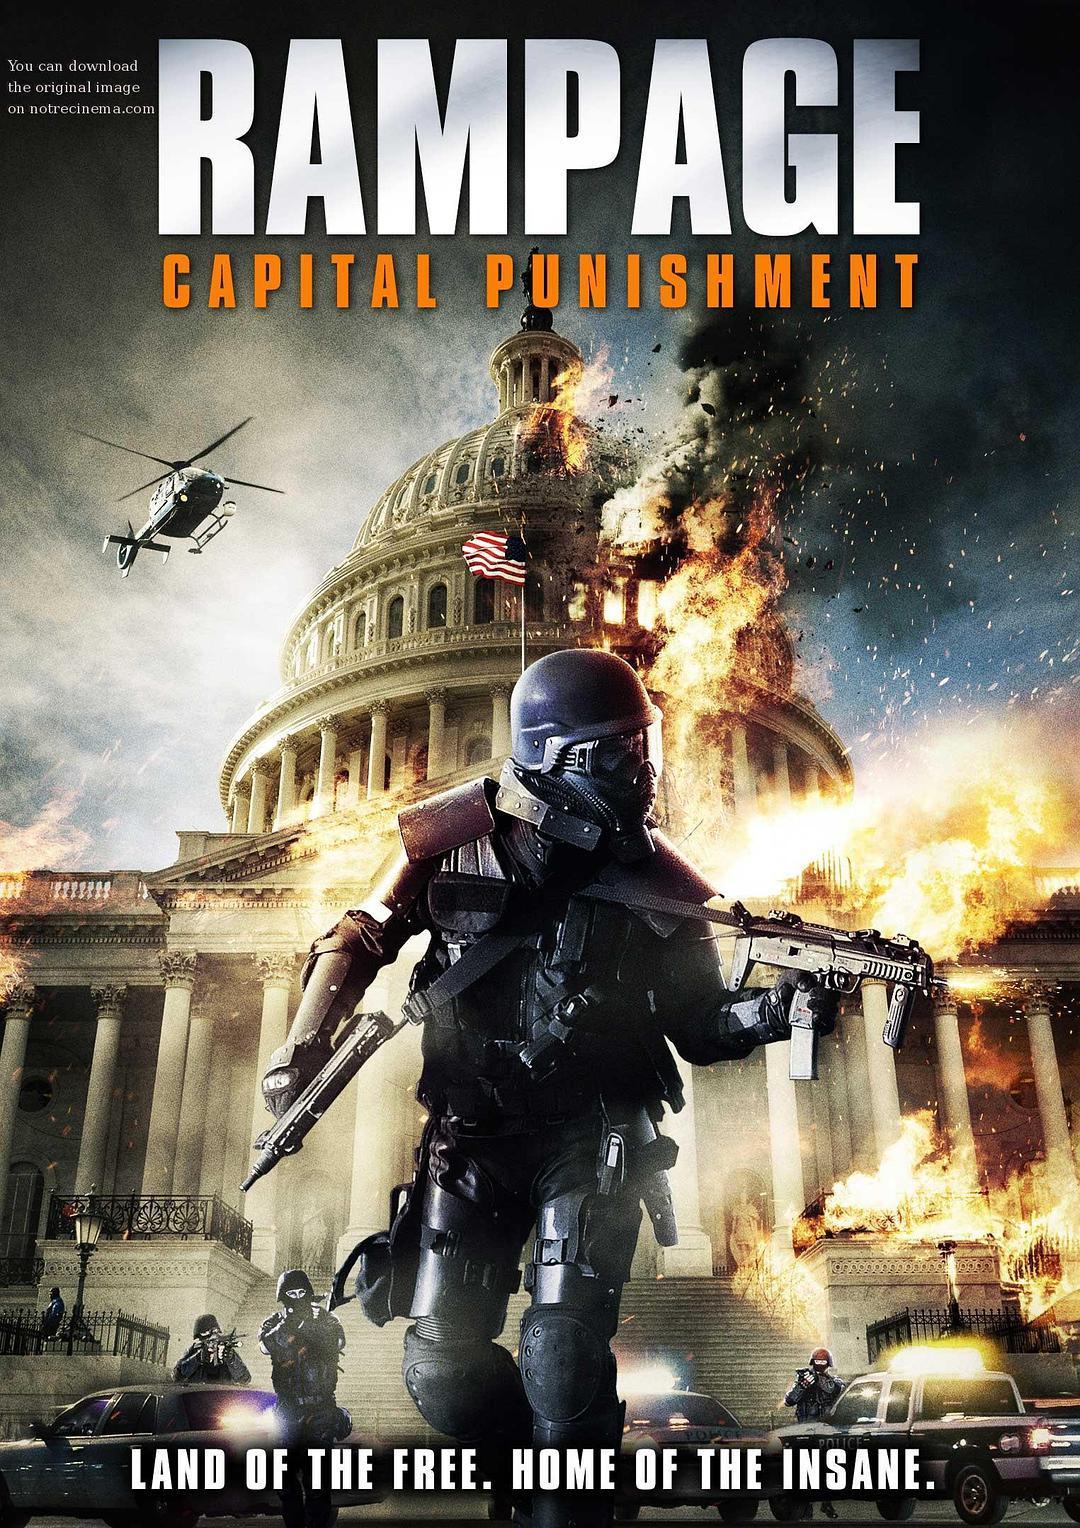 狂暴2:资本的惩罚